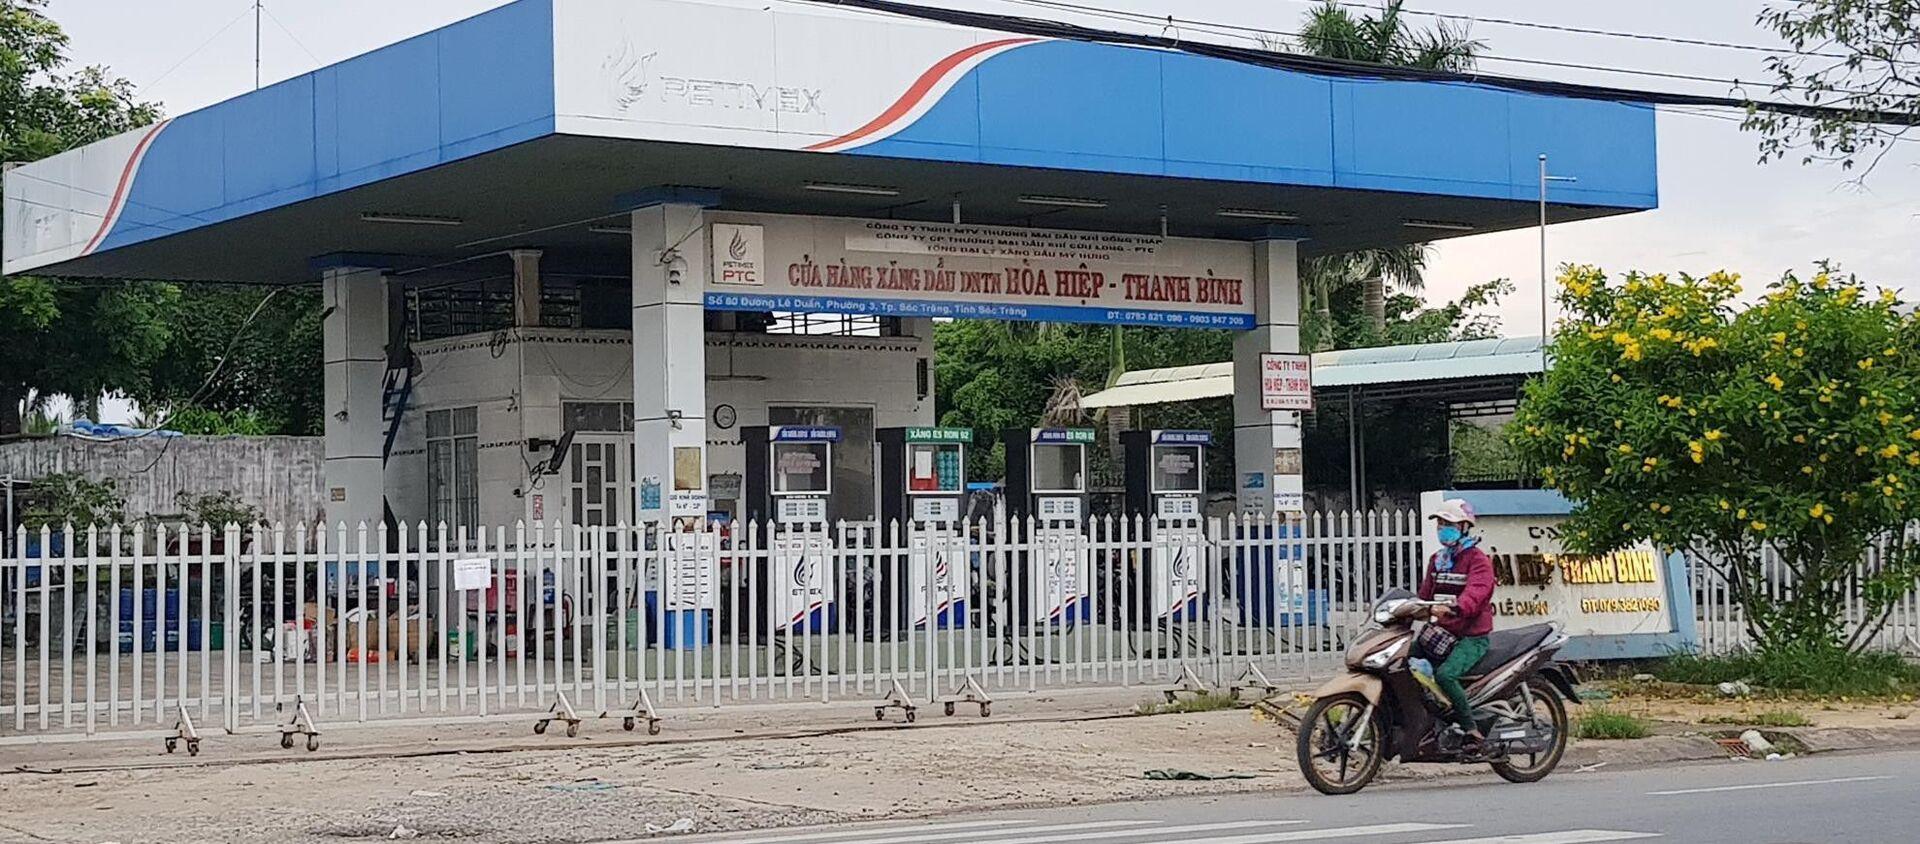 Cửa hàng xăng dầu do Trịnh Sướng thuê trên đường Lê Duẩn (TP Sóc Trăng) đã đóng cửa - Sputnik Việt Nam, 1920, 08.10.2019